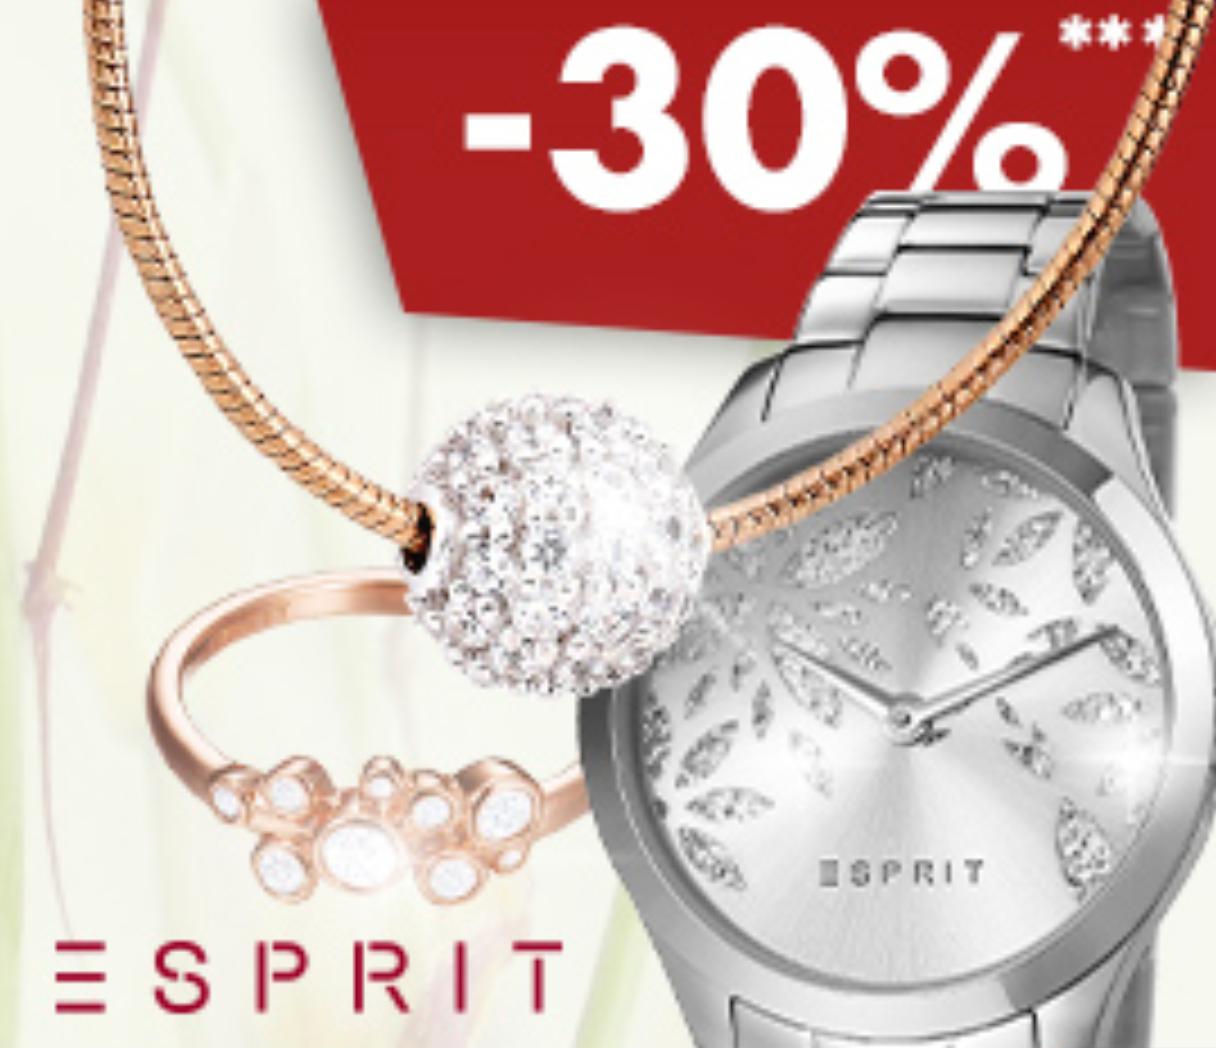 Karstadt: 30% Rabatt auf Uhren und Schmuck von Esprit + 5% Shoop